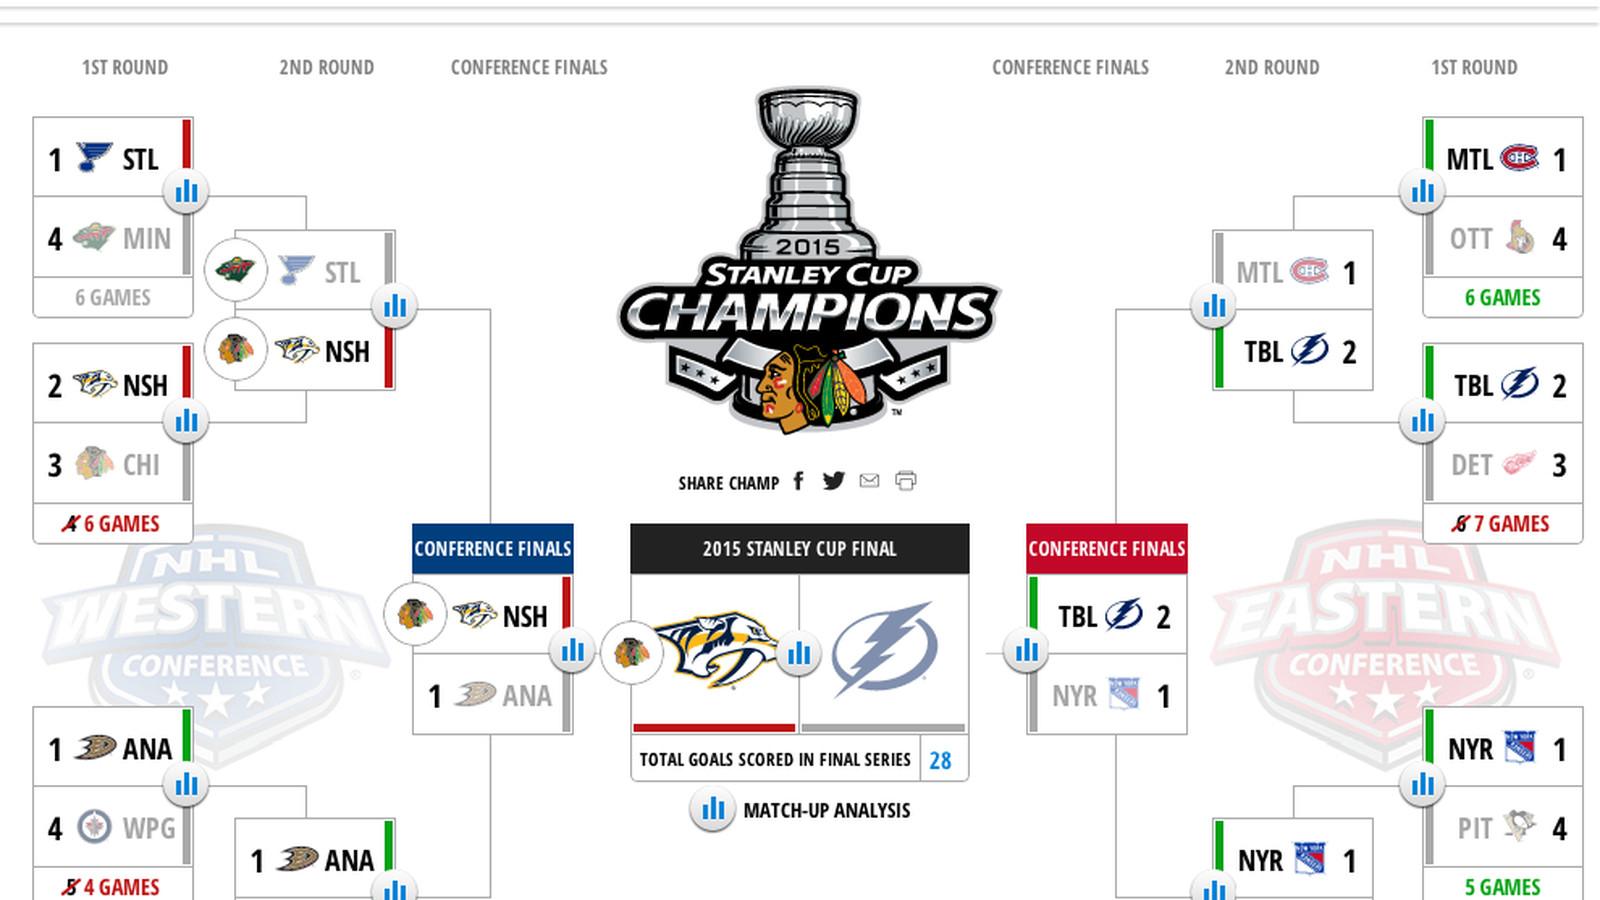 2015 Stanley Cup Playoffs Bracket Challenge update  NHLcom